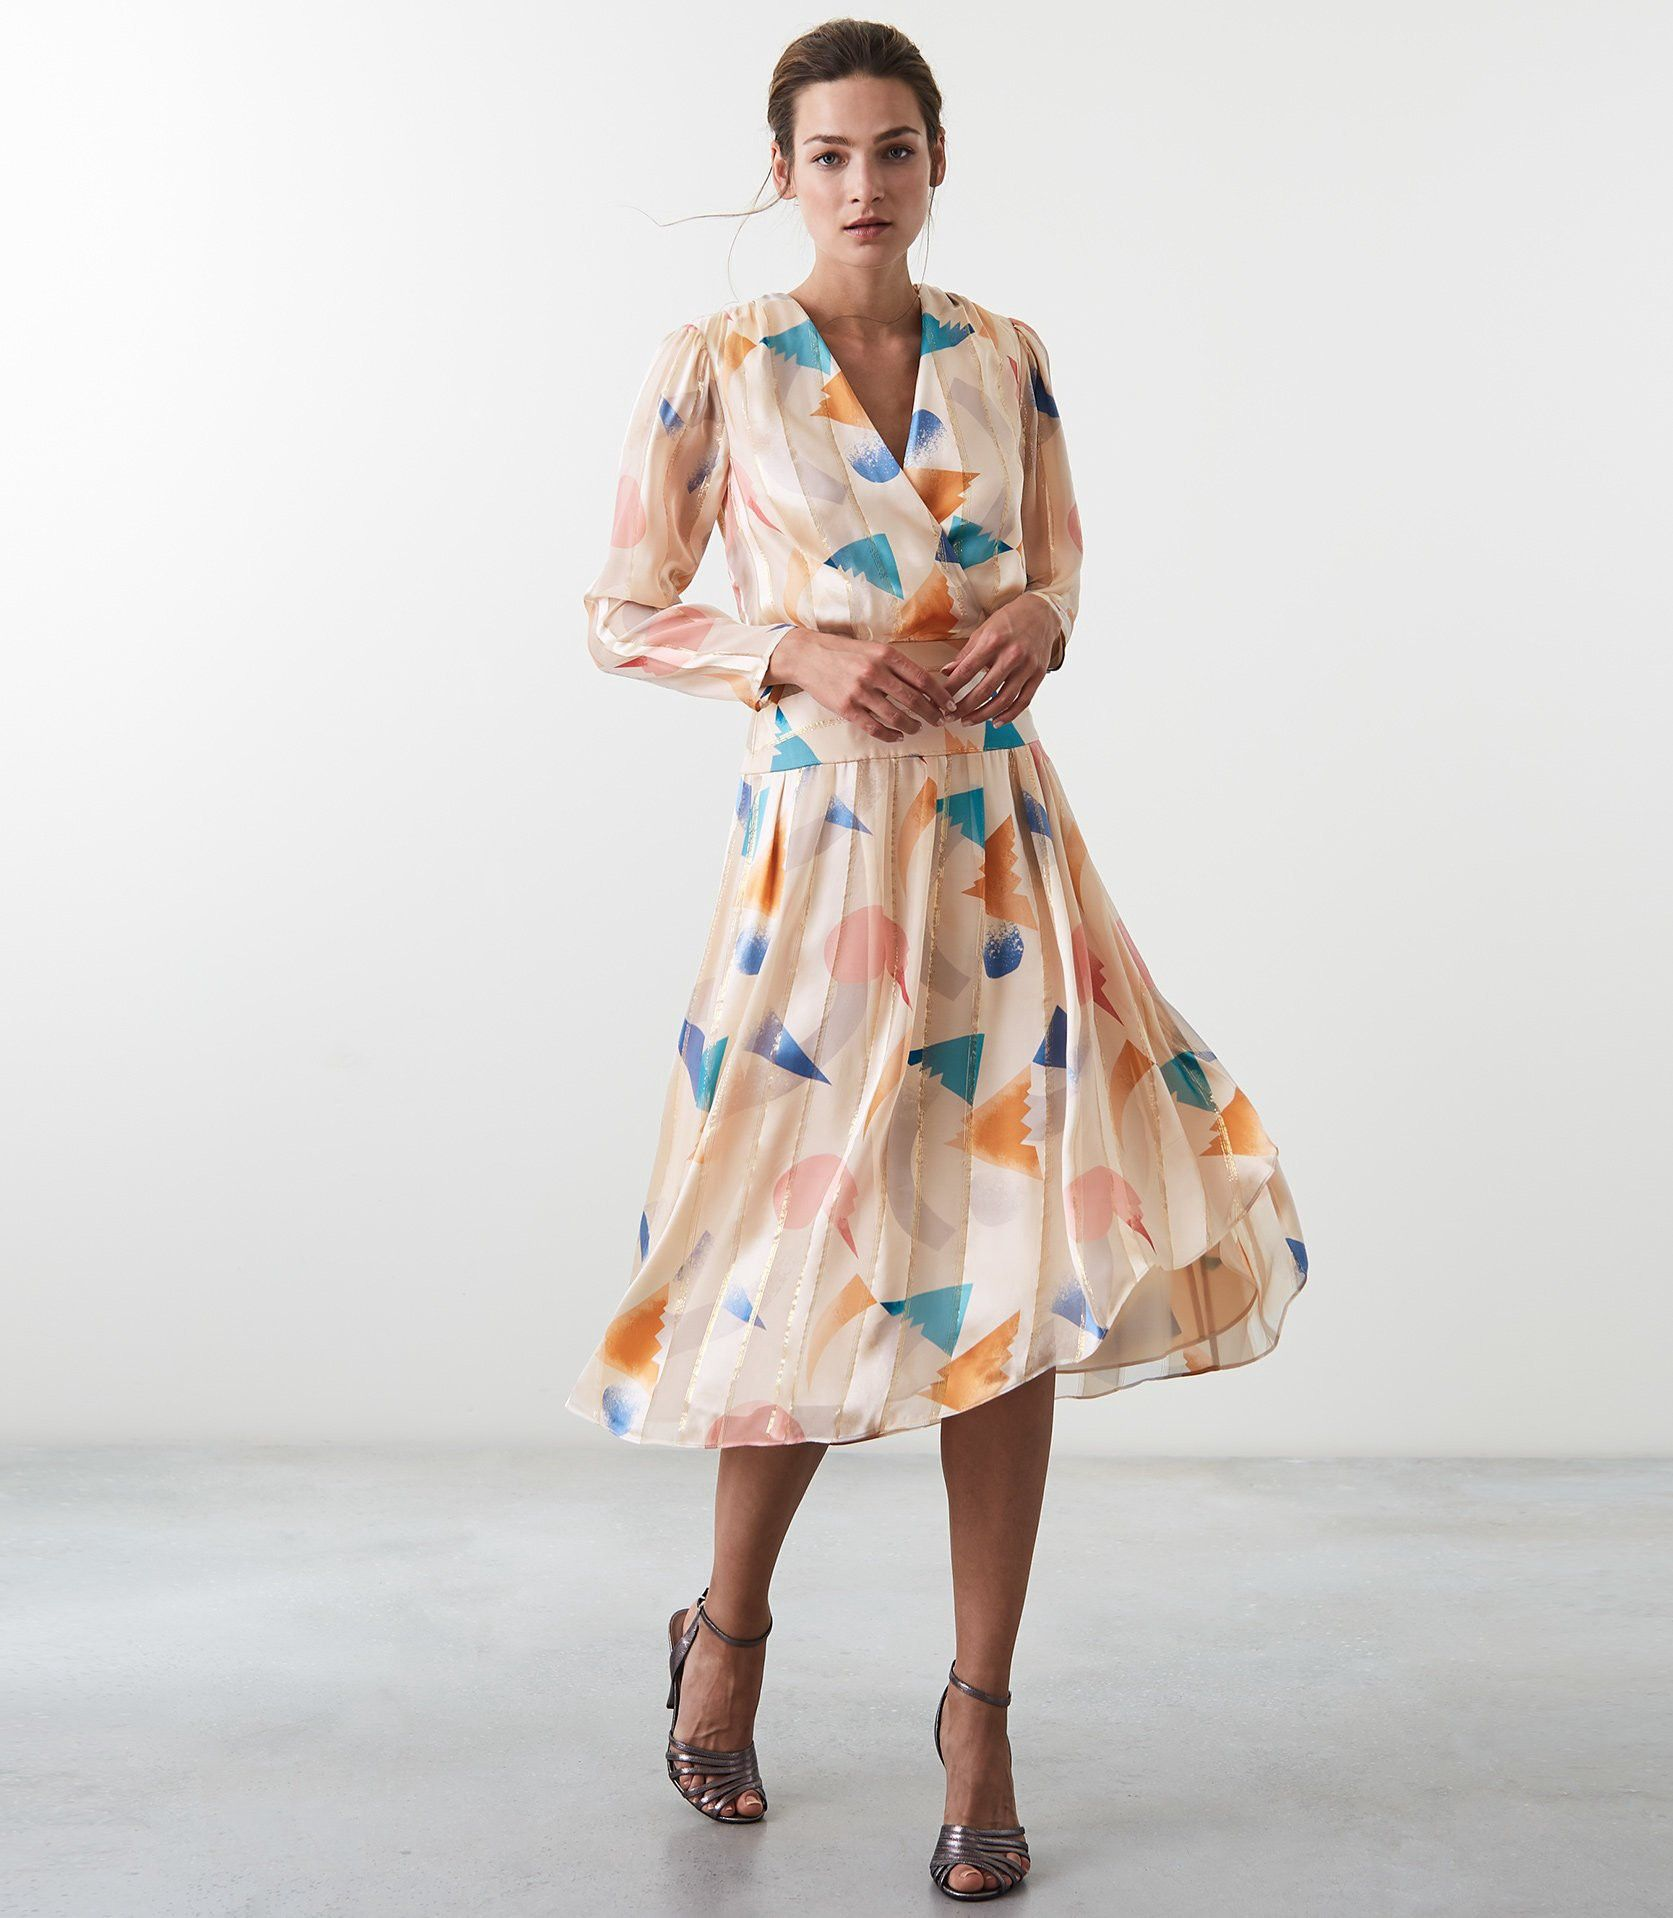 573160fd6f6f Reiss Melody Silk Metallic Fit And Flare Dress Neutral - 8